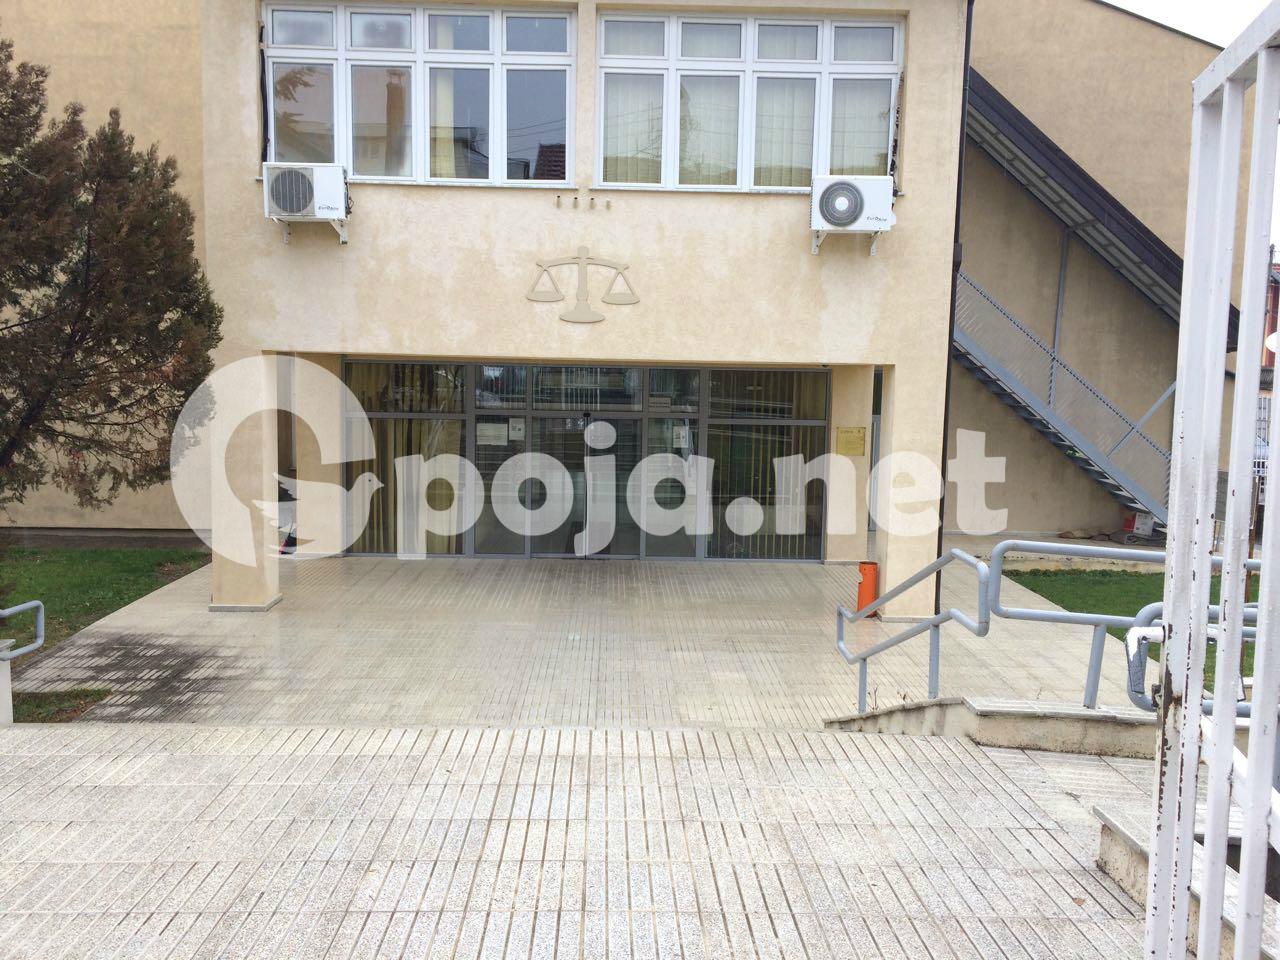 Mungesa e përzgjedhjes së kompanisë përkatëse ka bërë që akoma mos të dezinfektohet objekti i gjykatës në Dragash